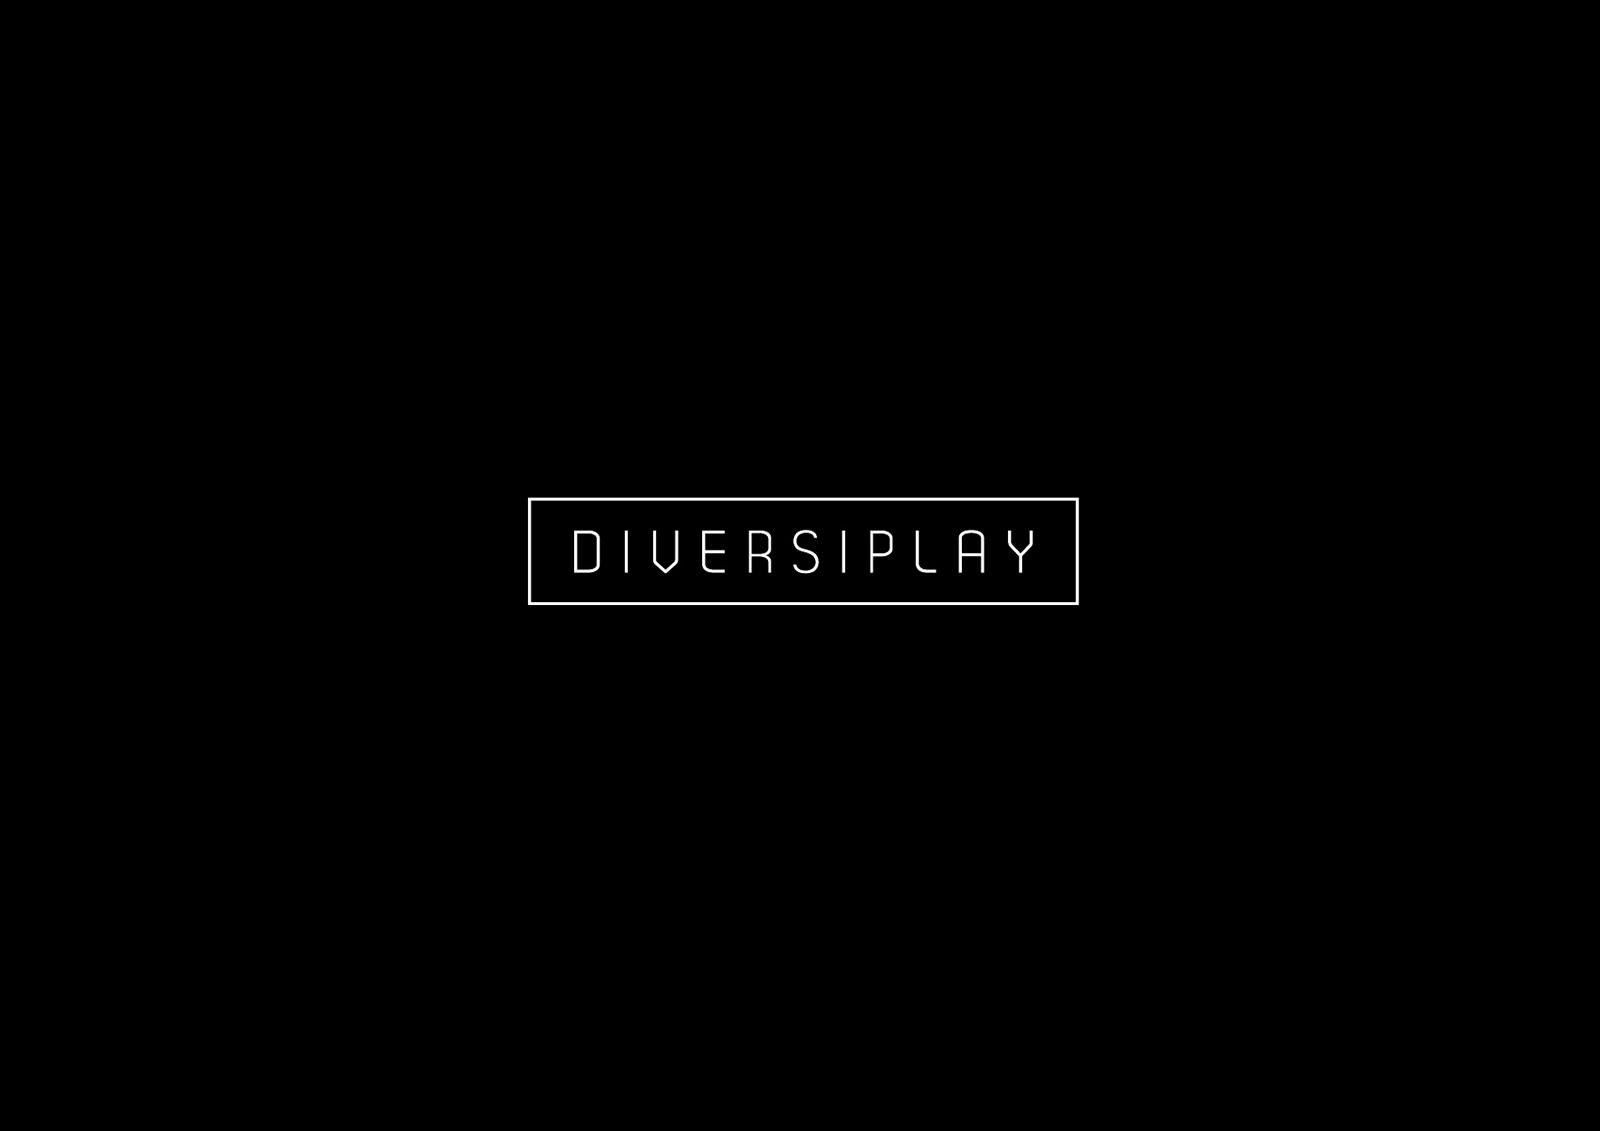 02_derieniko_diversiplay_01.jpg